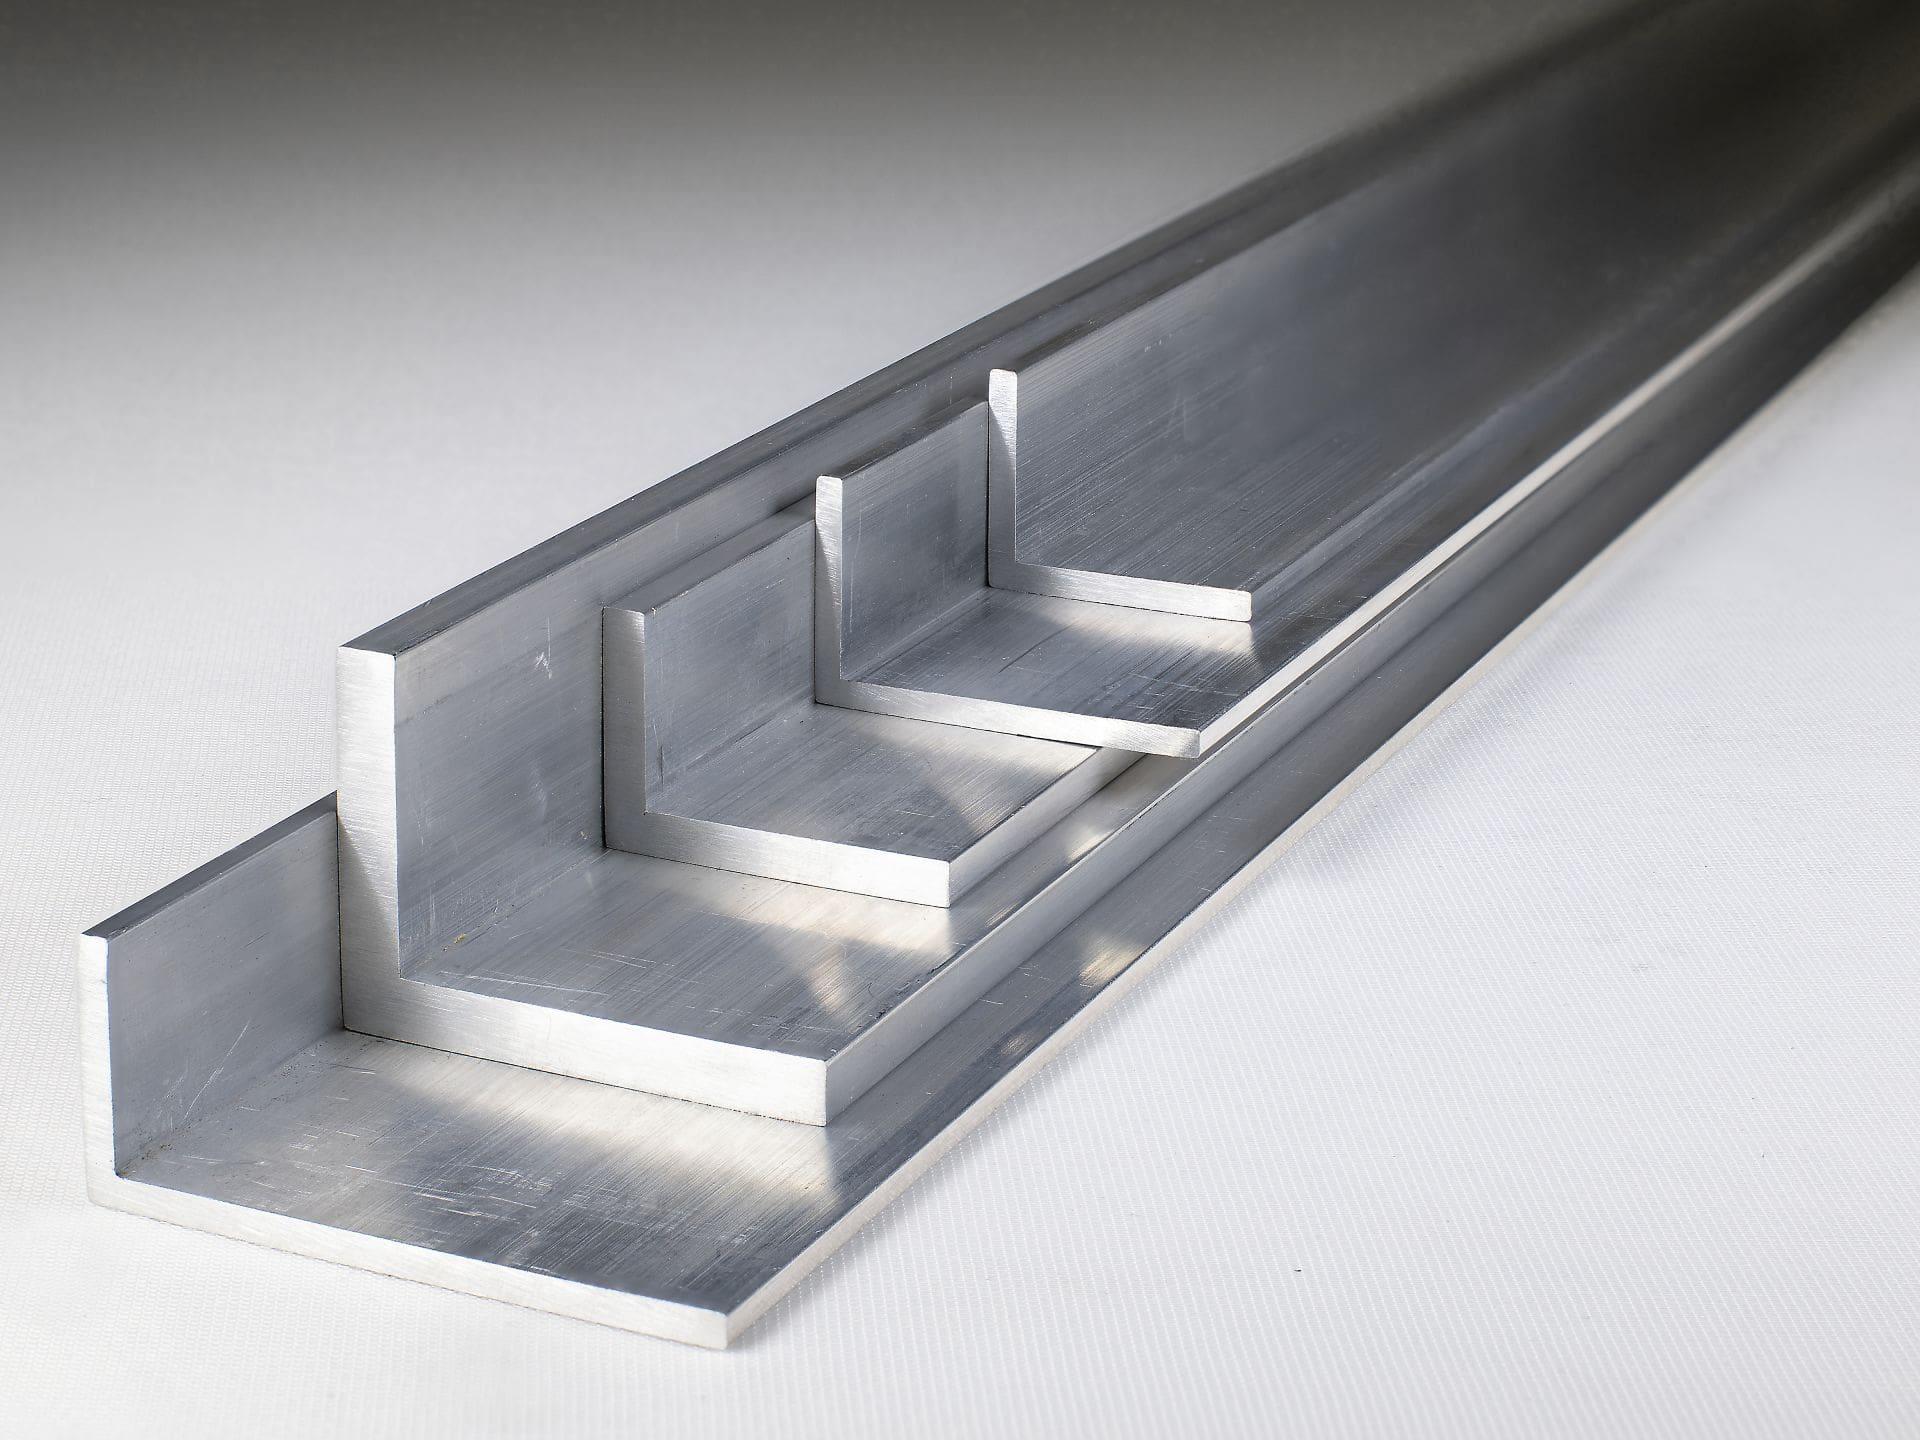 Aluminium Unequal Angle